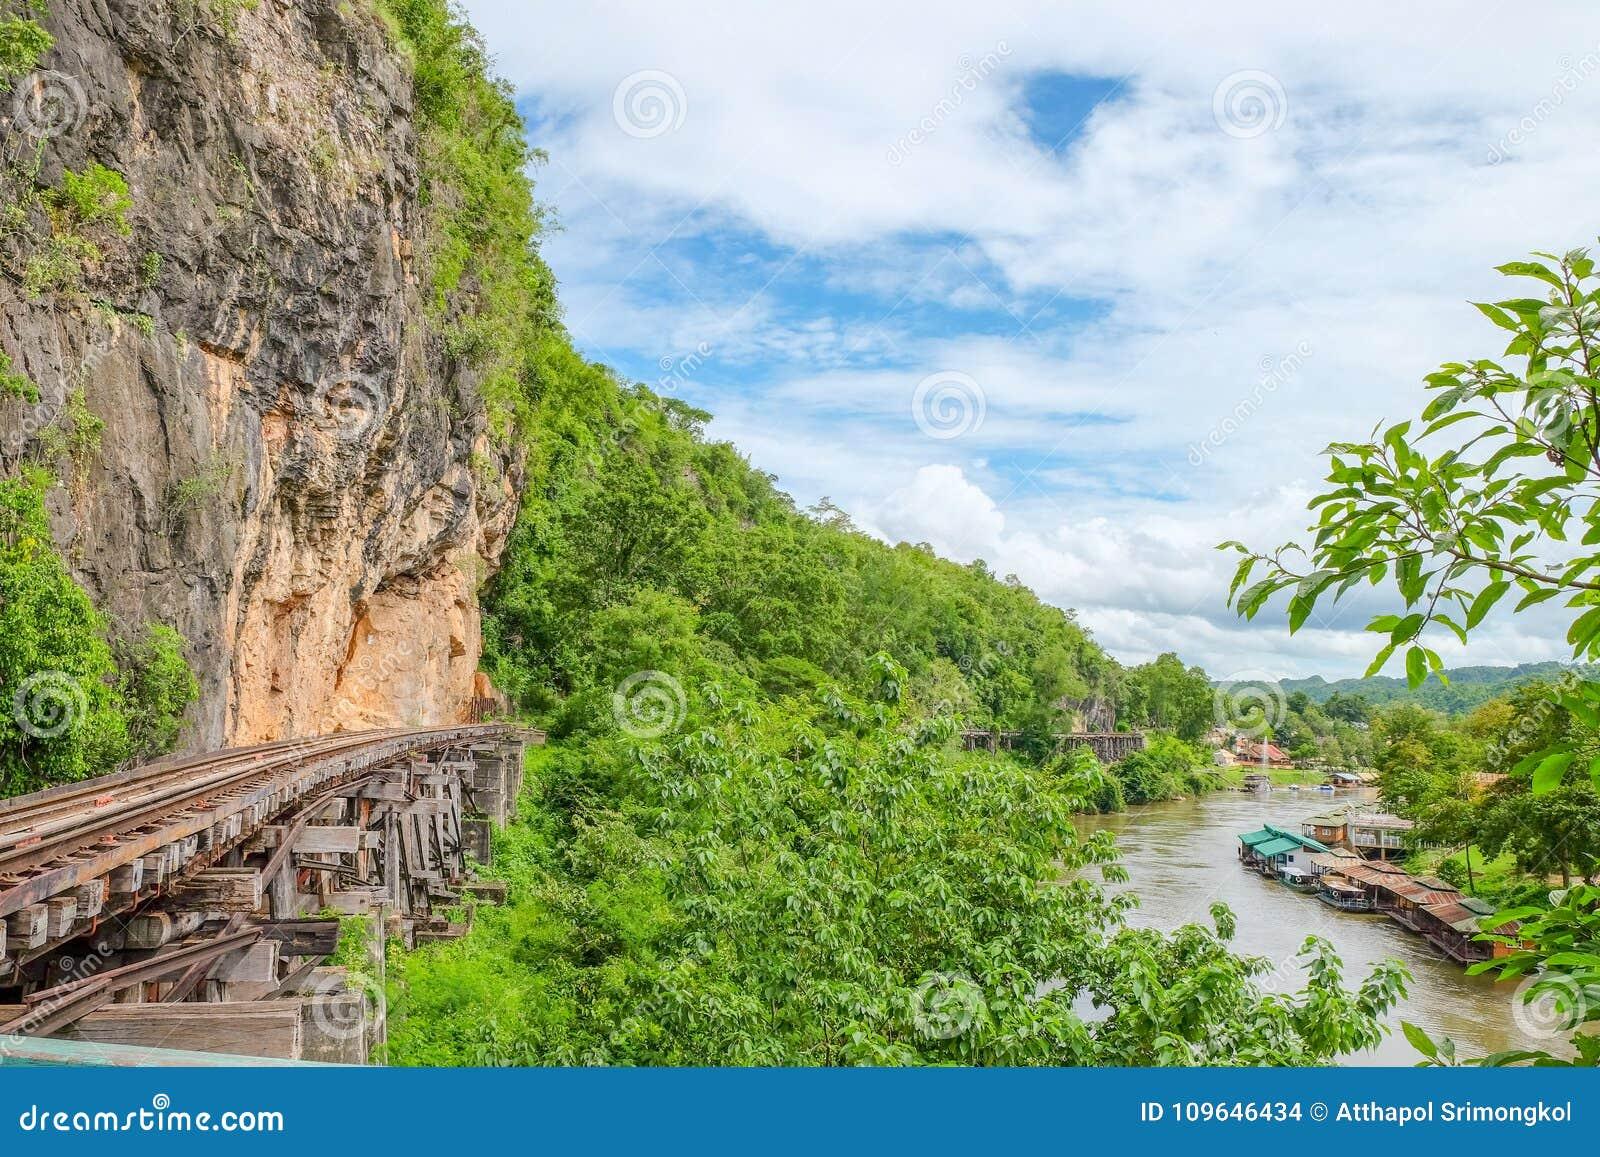 Железная дорога смерти или железная дорога Таиланд-Бирмы на Второй Мировой Войне железные дороги были построены через скалу около